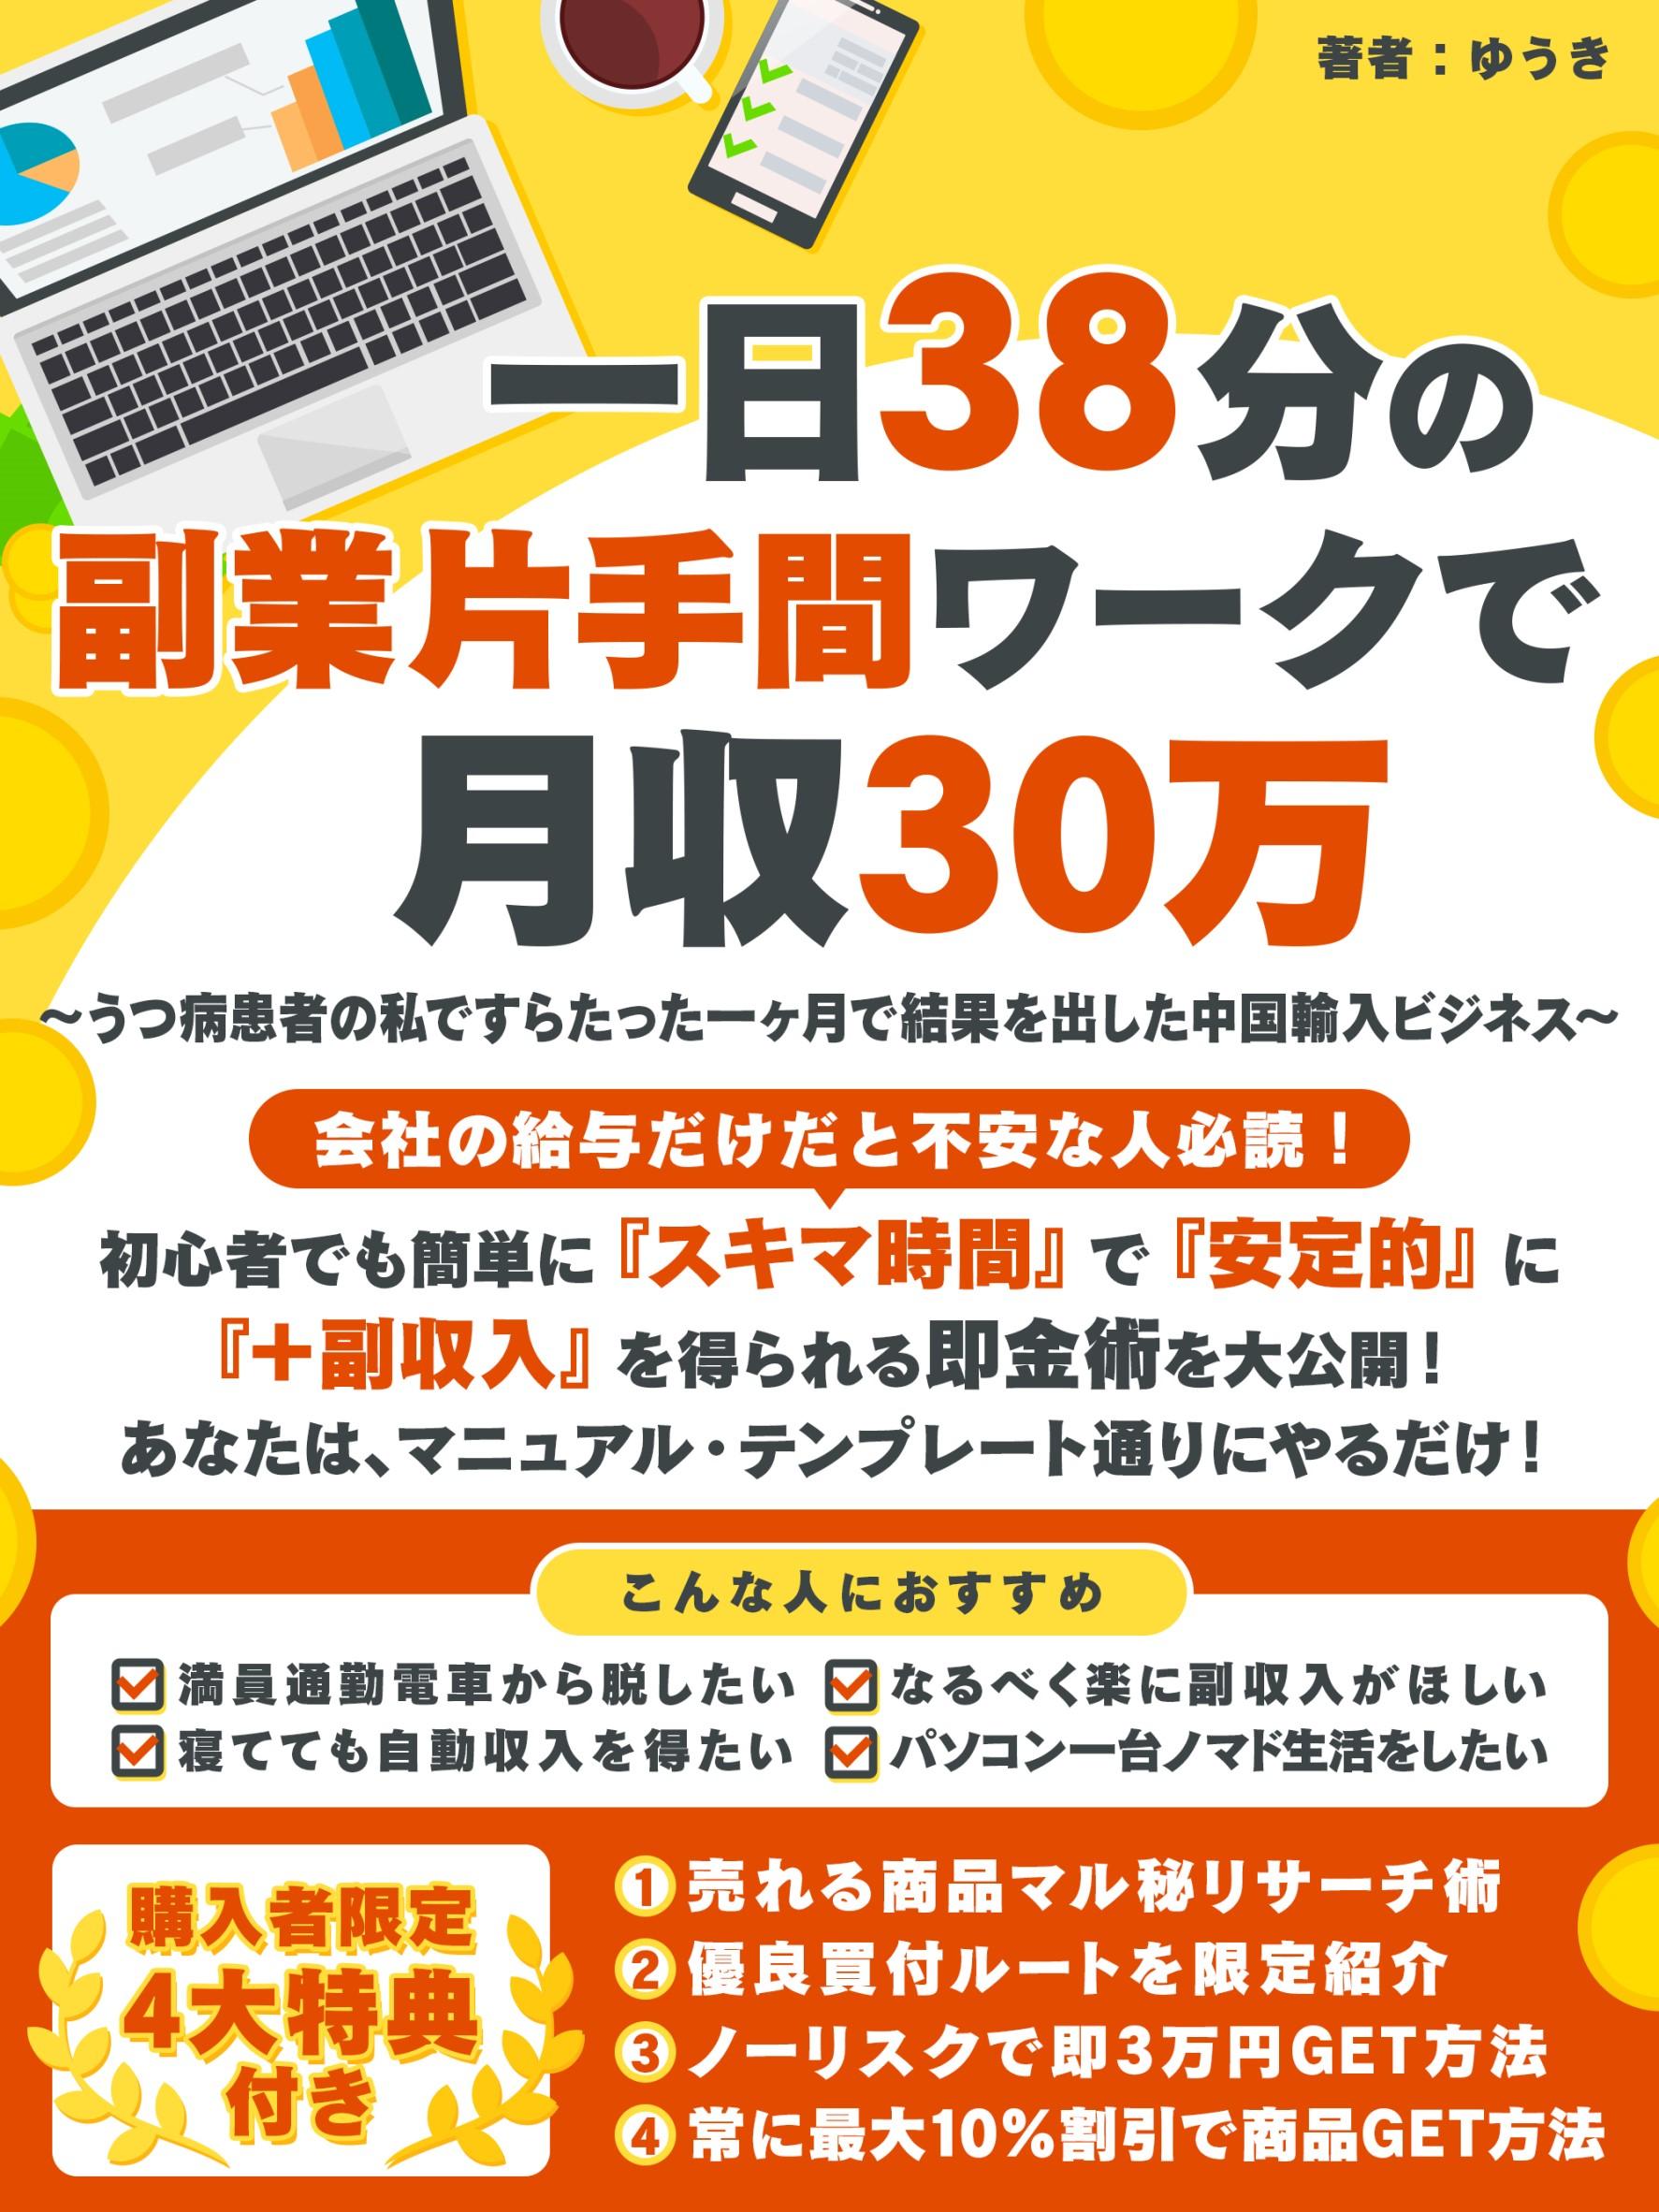 1503558093920 電子書籍購入特典